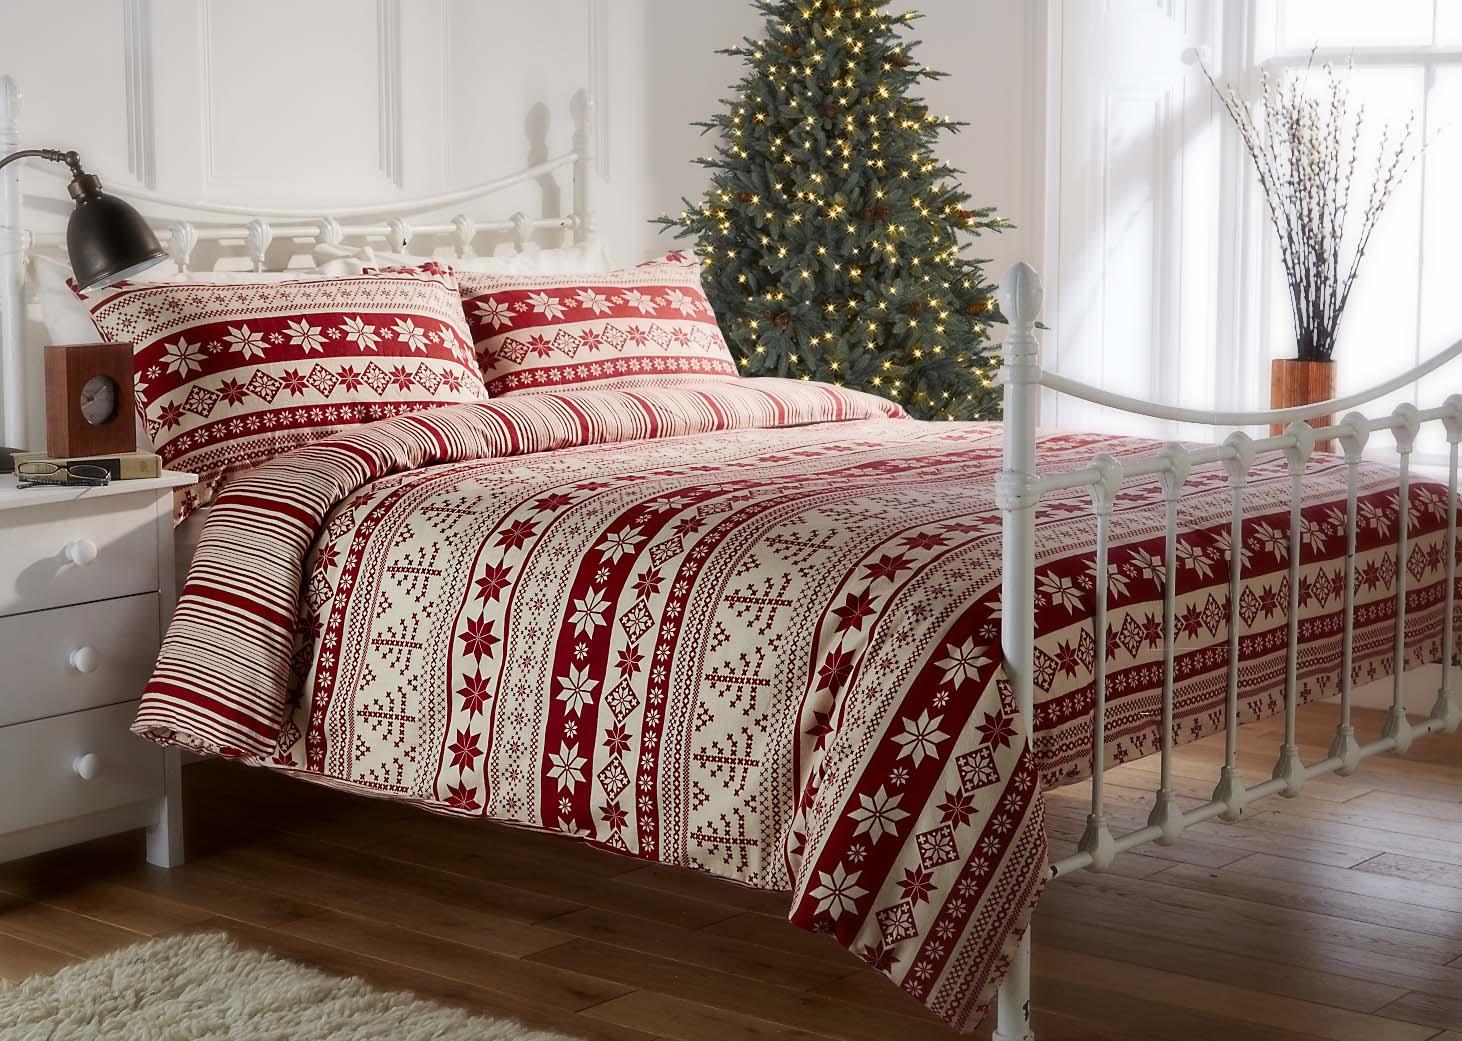 Christmas Bedding Sheets